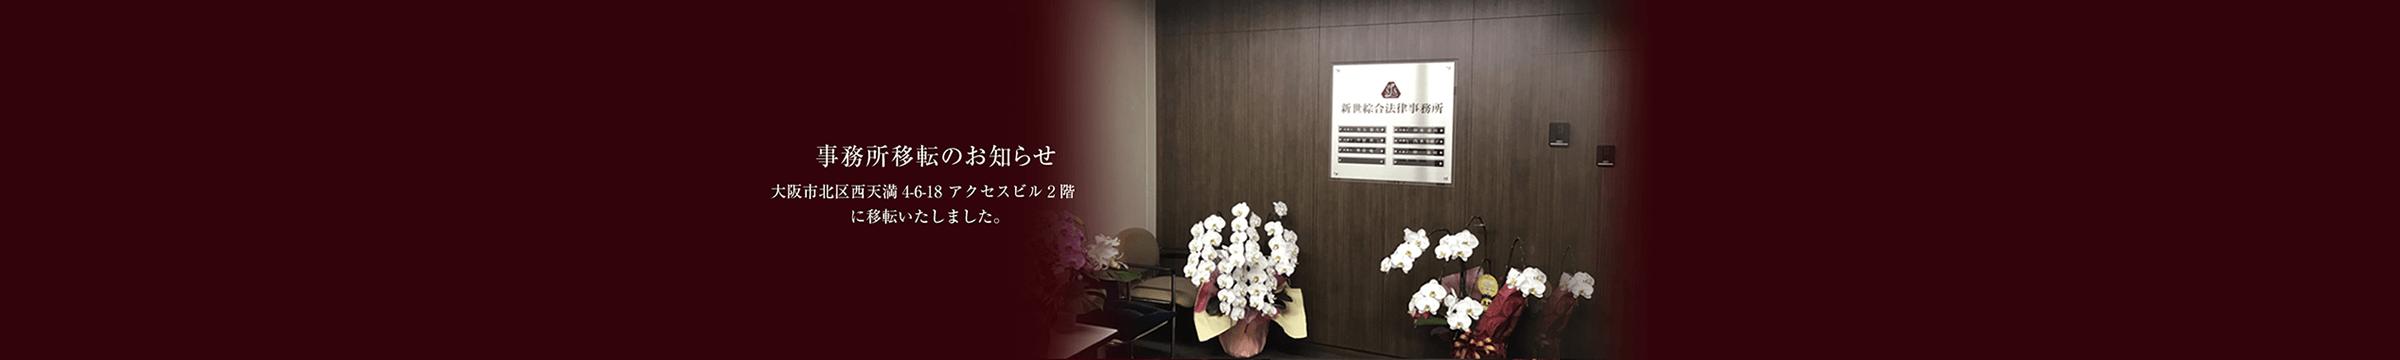 事務所移転のお知らせ:大阪市北区西天満4-6-18 アクセスビル2階に移転しました。